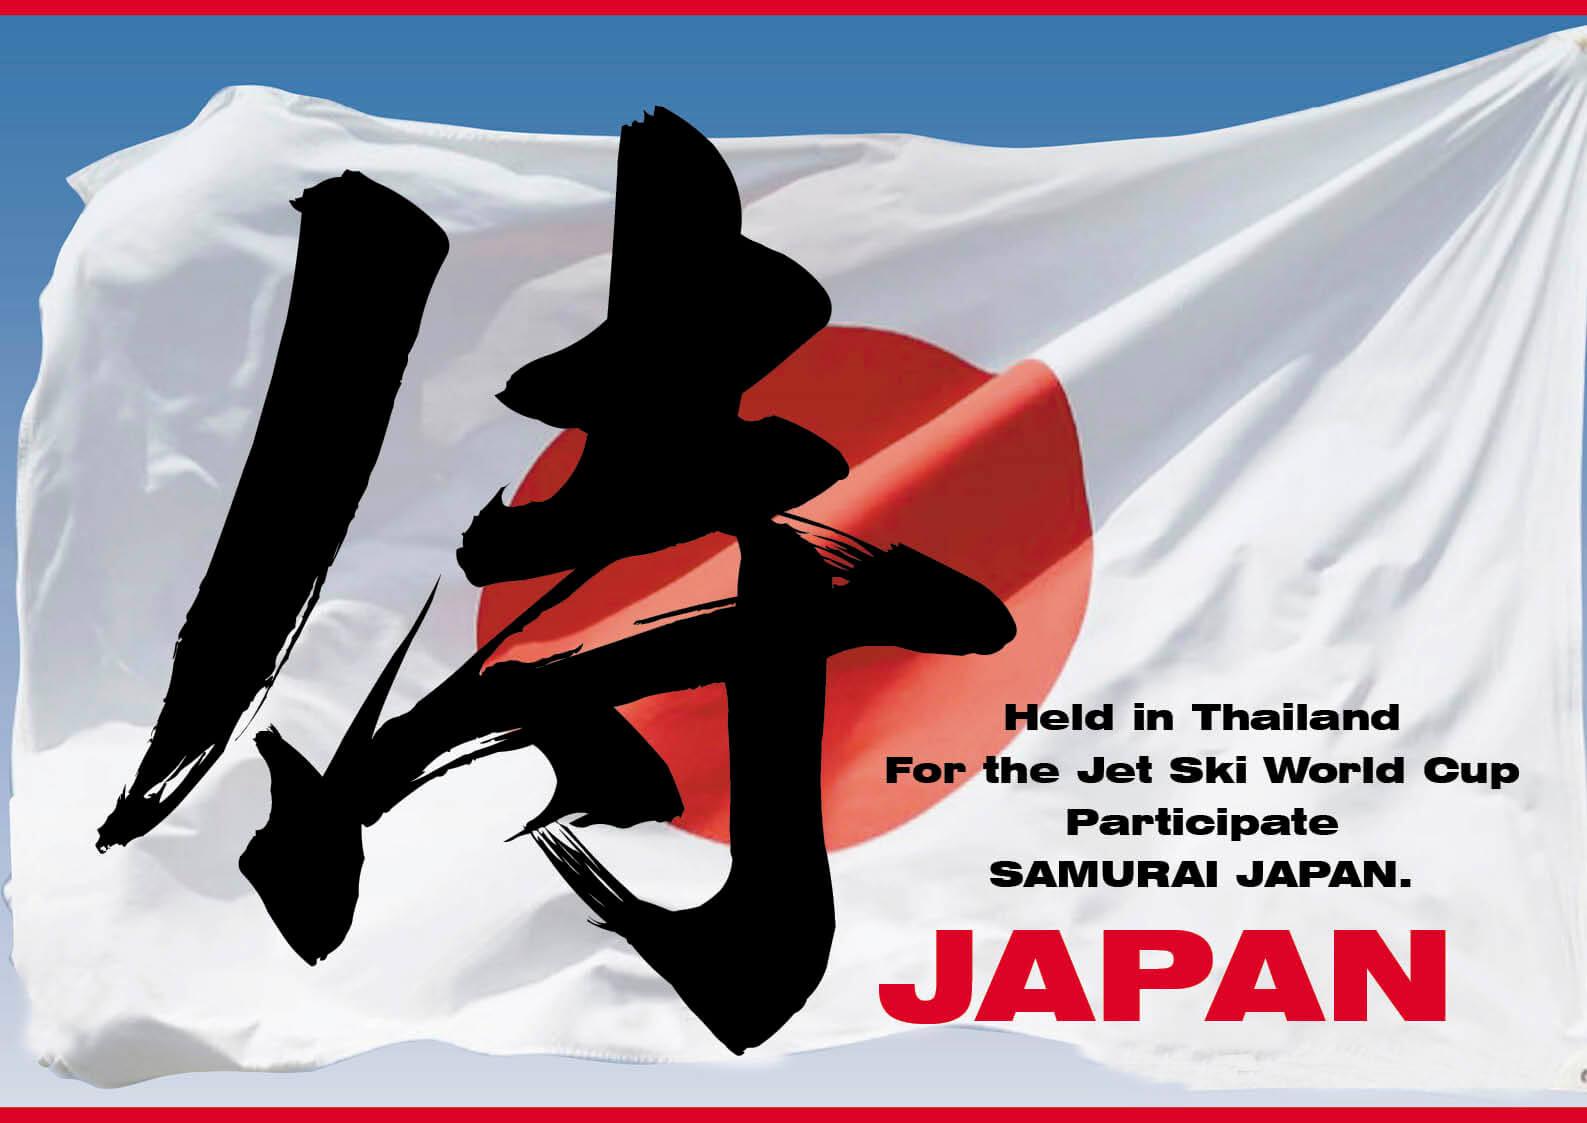 本日4月2日、成田空港から「チーム・ジャパン」が出陣! 日本のジェット界を元気に! 世界ナンバーワンの栄光を掴め! ジェットスキー(水上バイク)